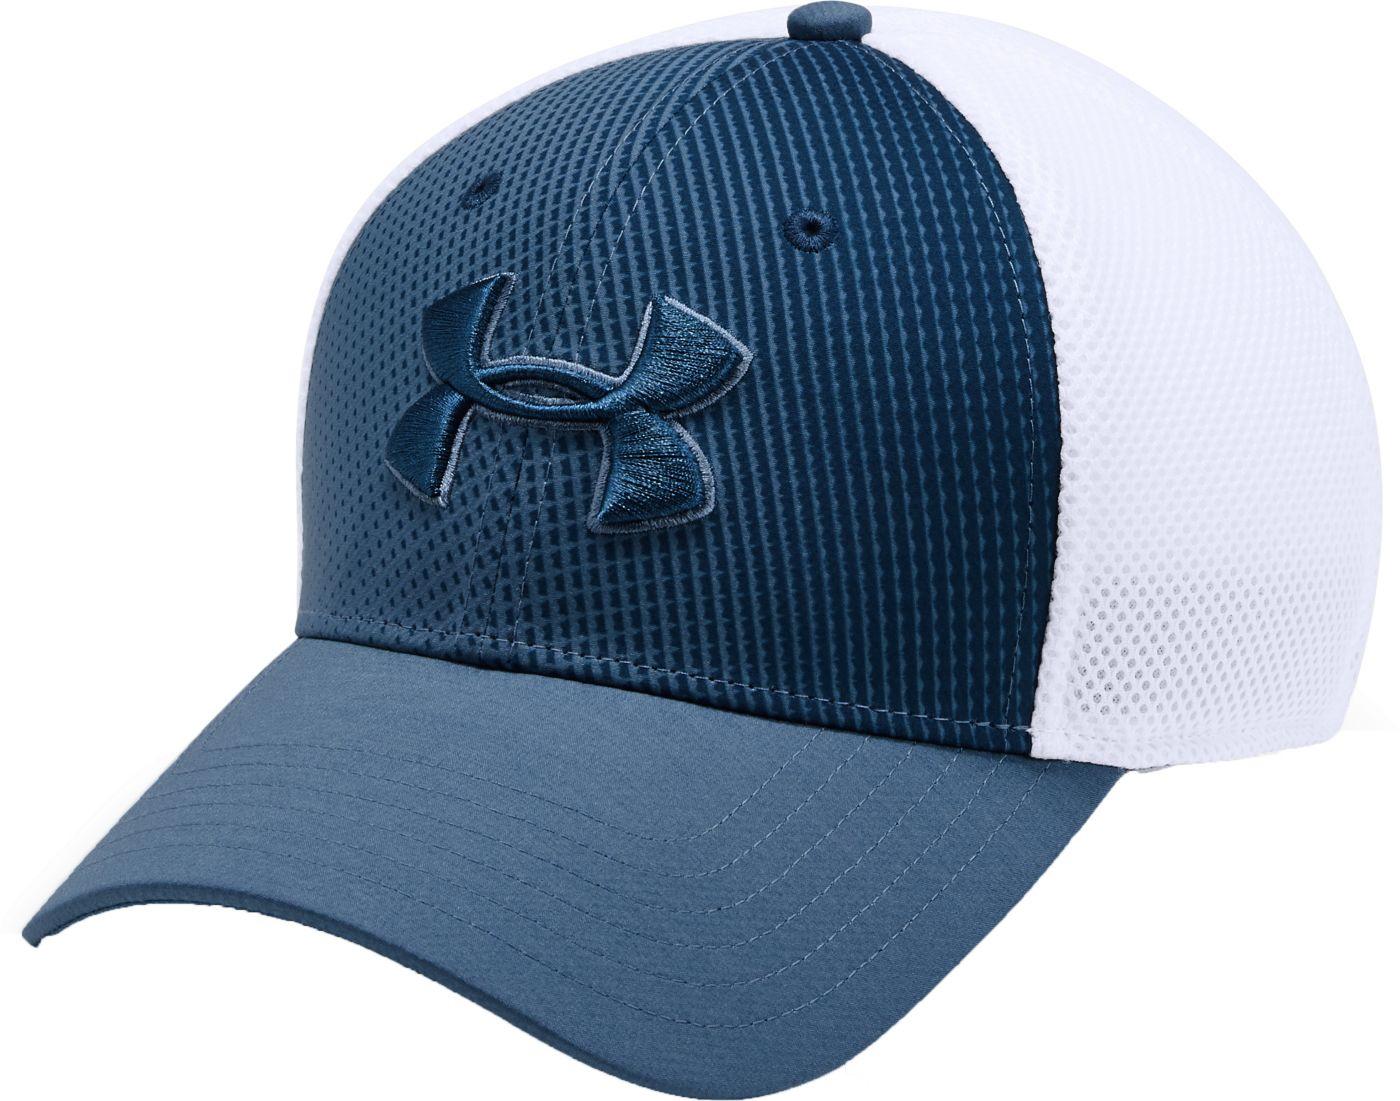 Under Armour Threadborne Mesh Hat